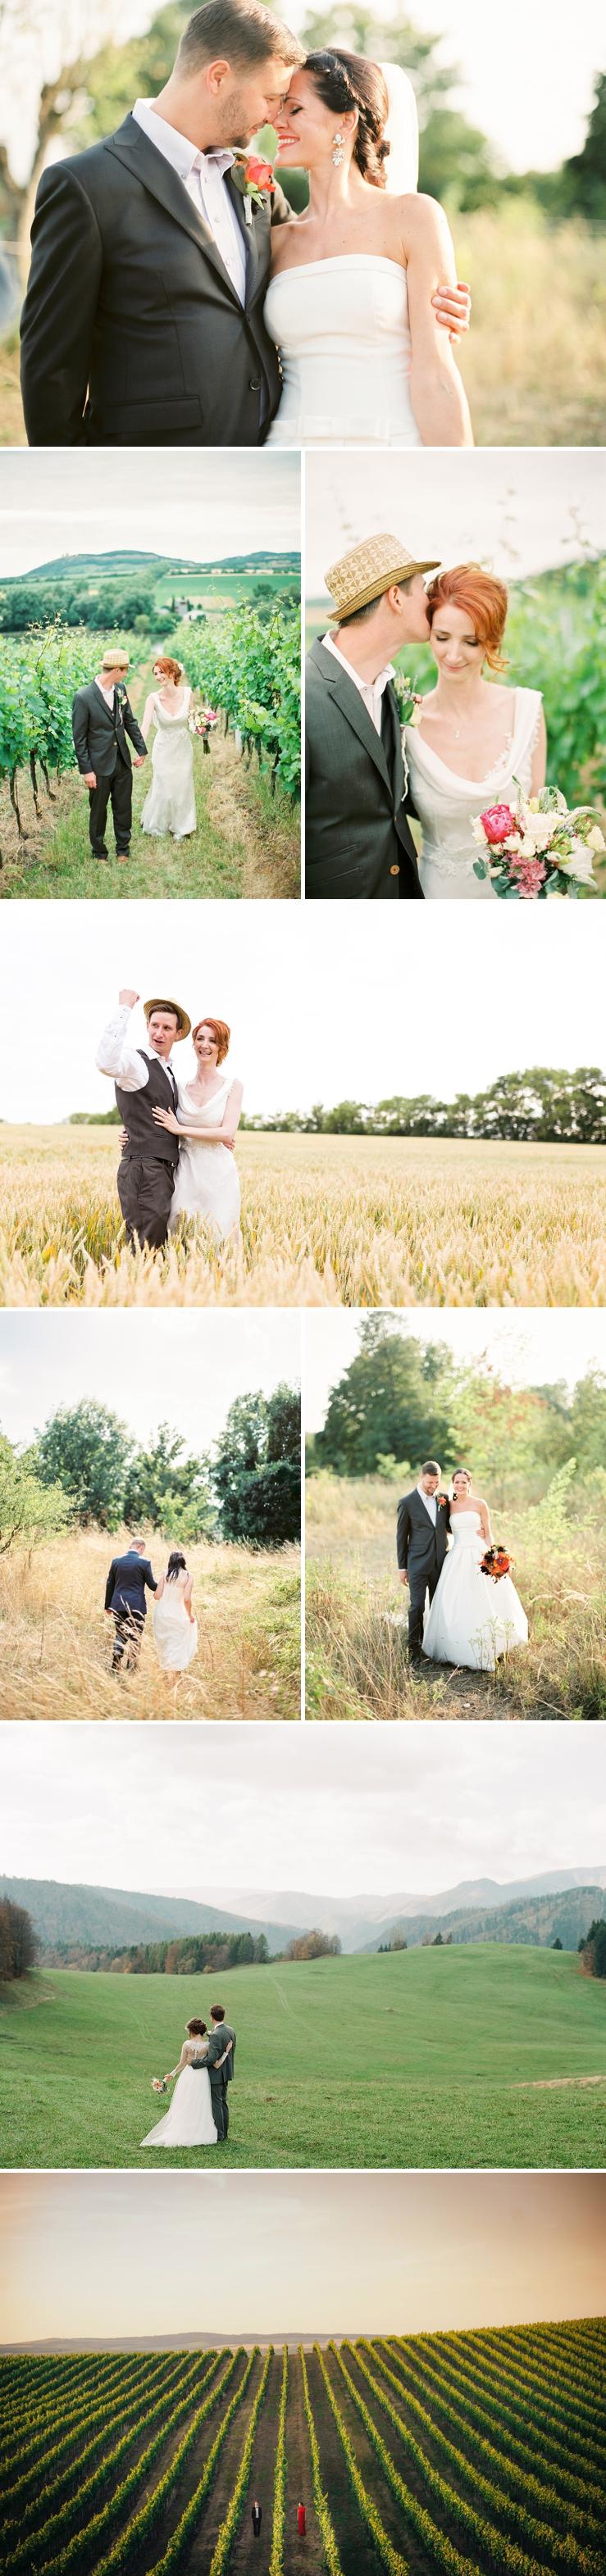 Perfect Day, svadba, slovensko, kde fotit svadobne portrety_0032